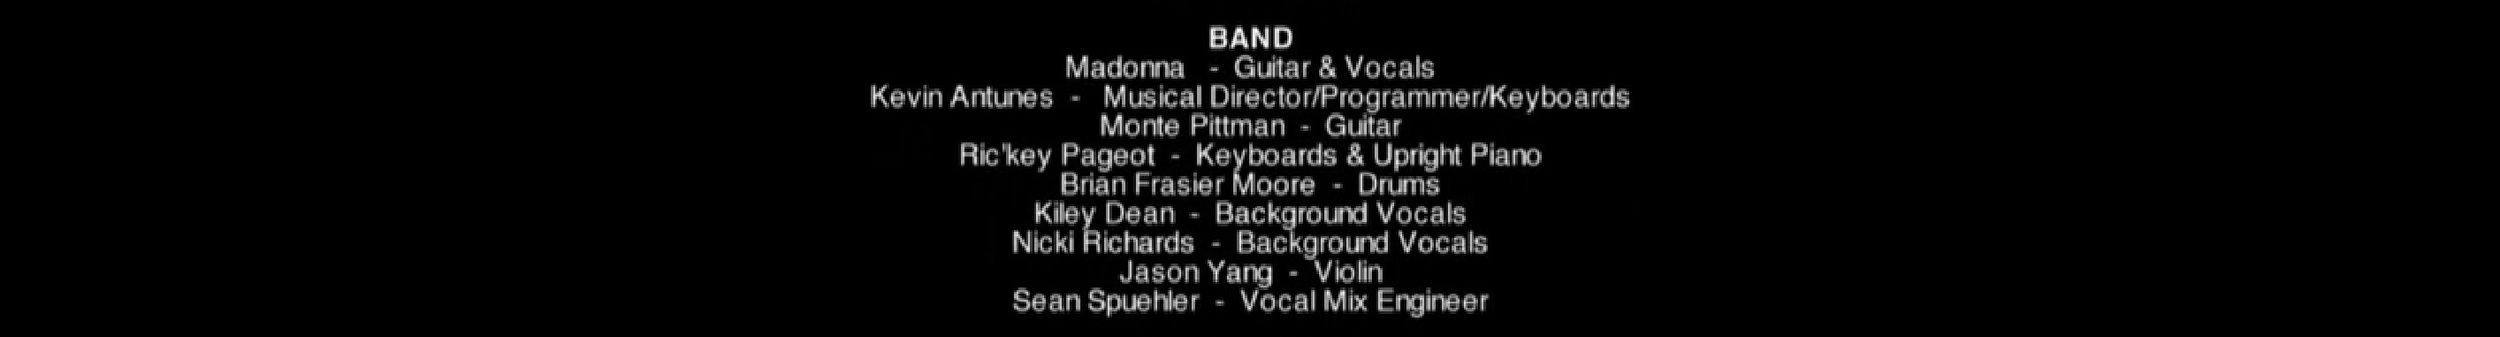 Madonna Jason Yang band